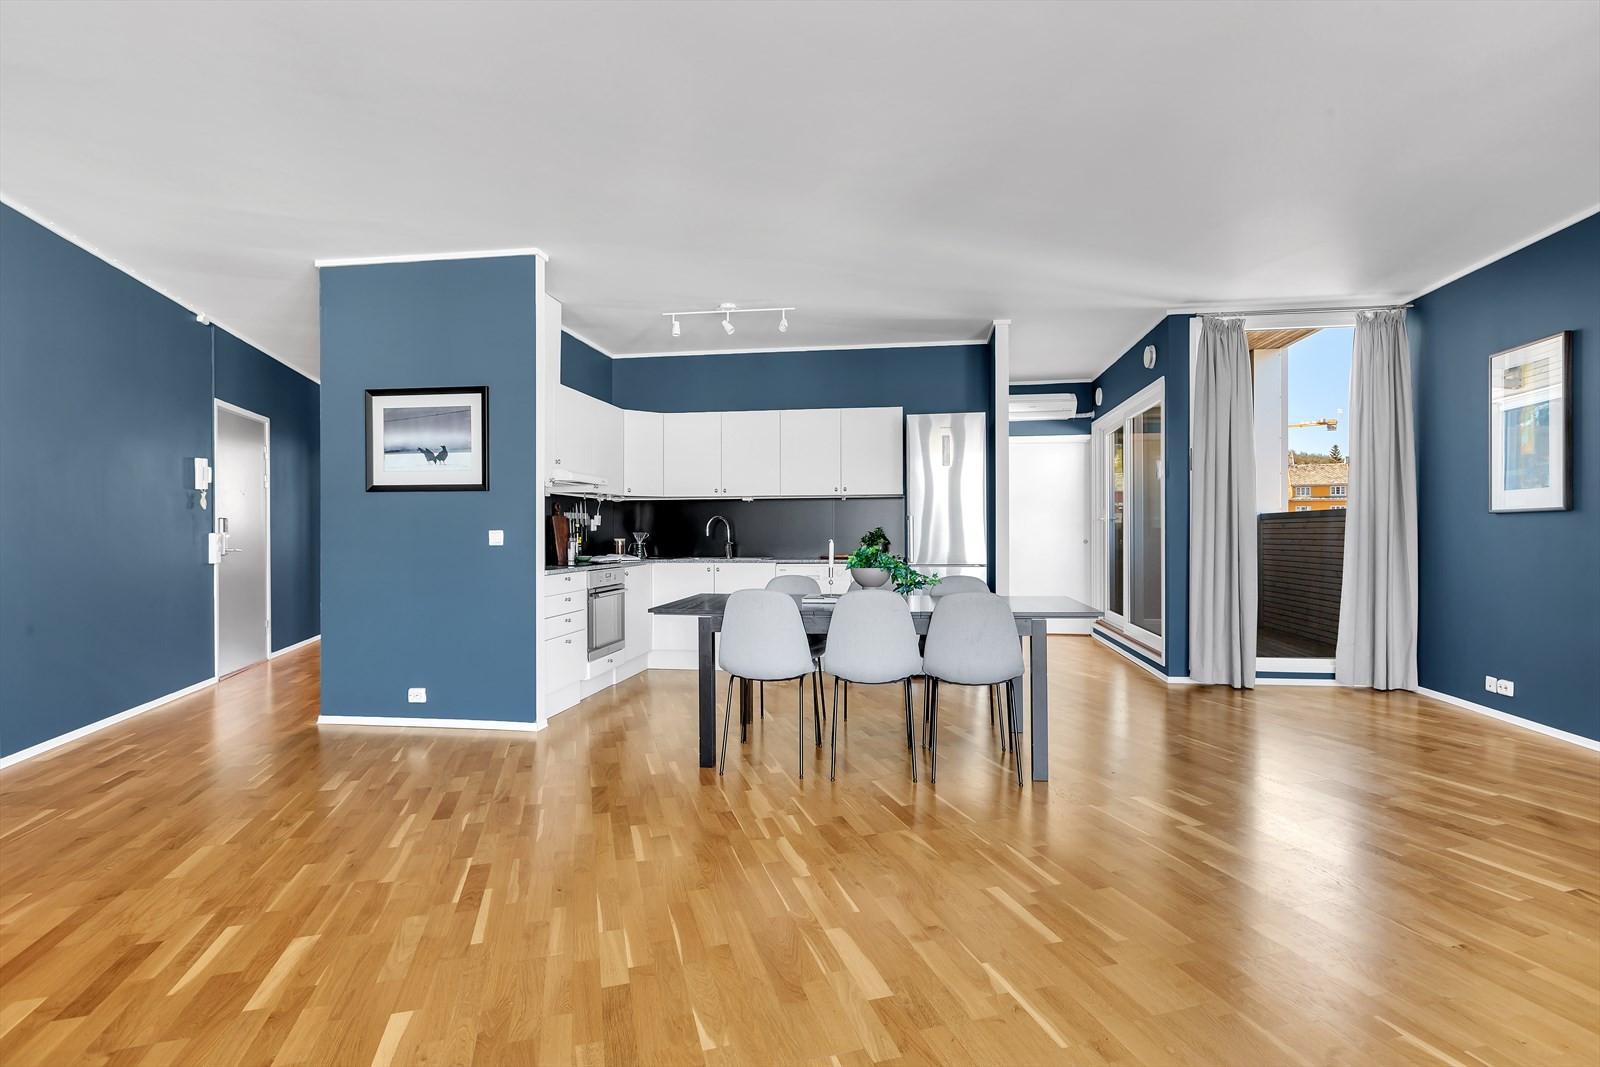 Kjøkkenet fint plassert med god plass til stort spisebord